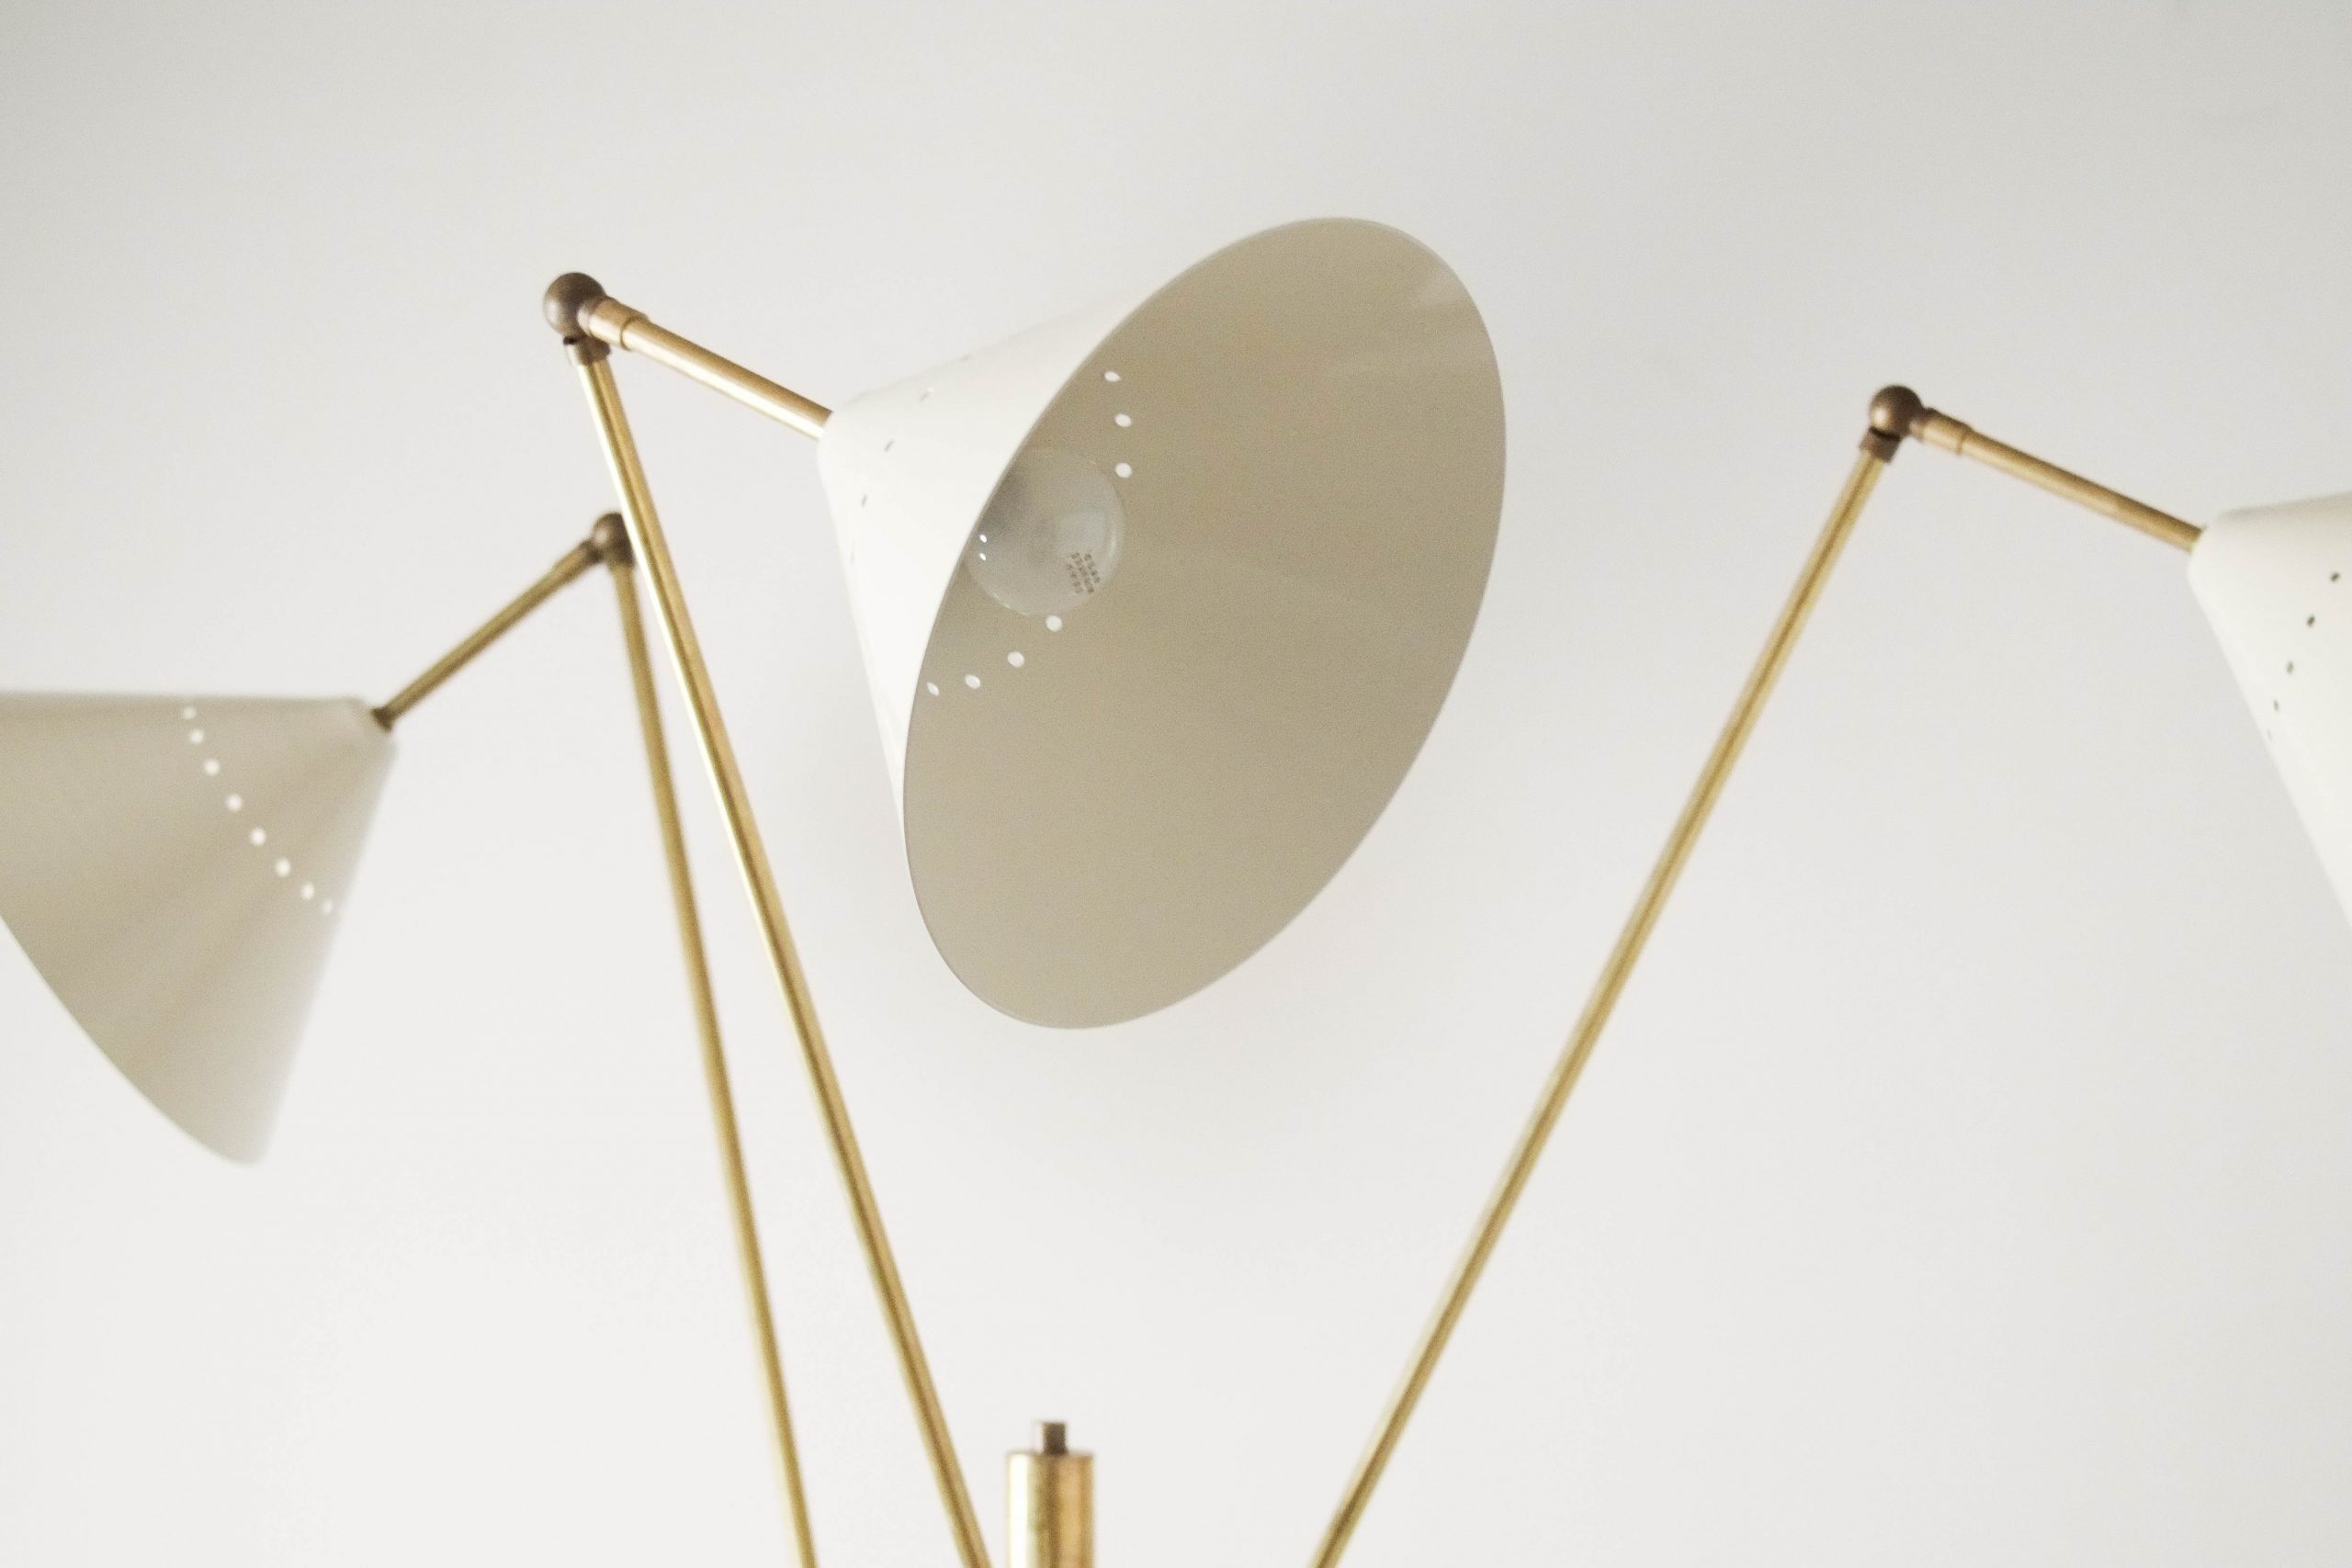 lampara de diseño italiana de laton fabricada a mano calidad elegante metal